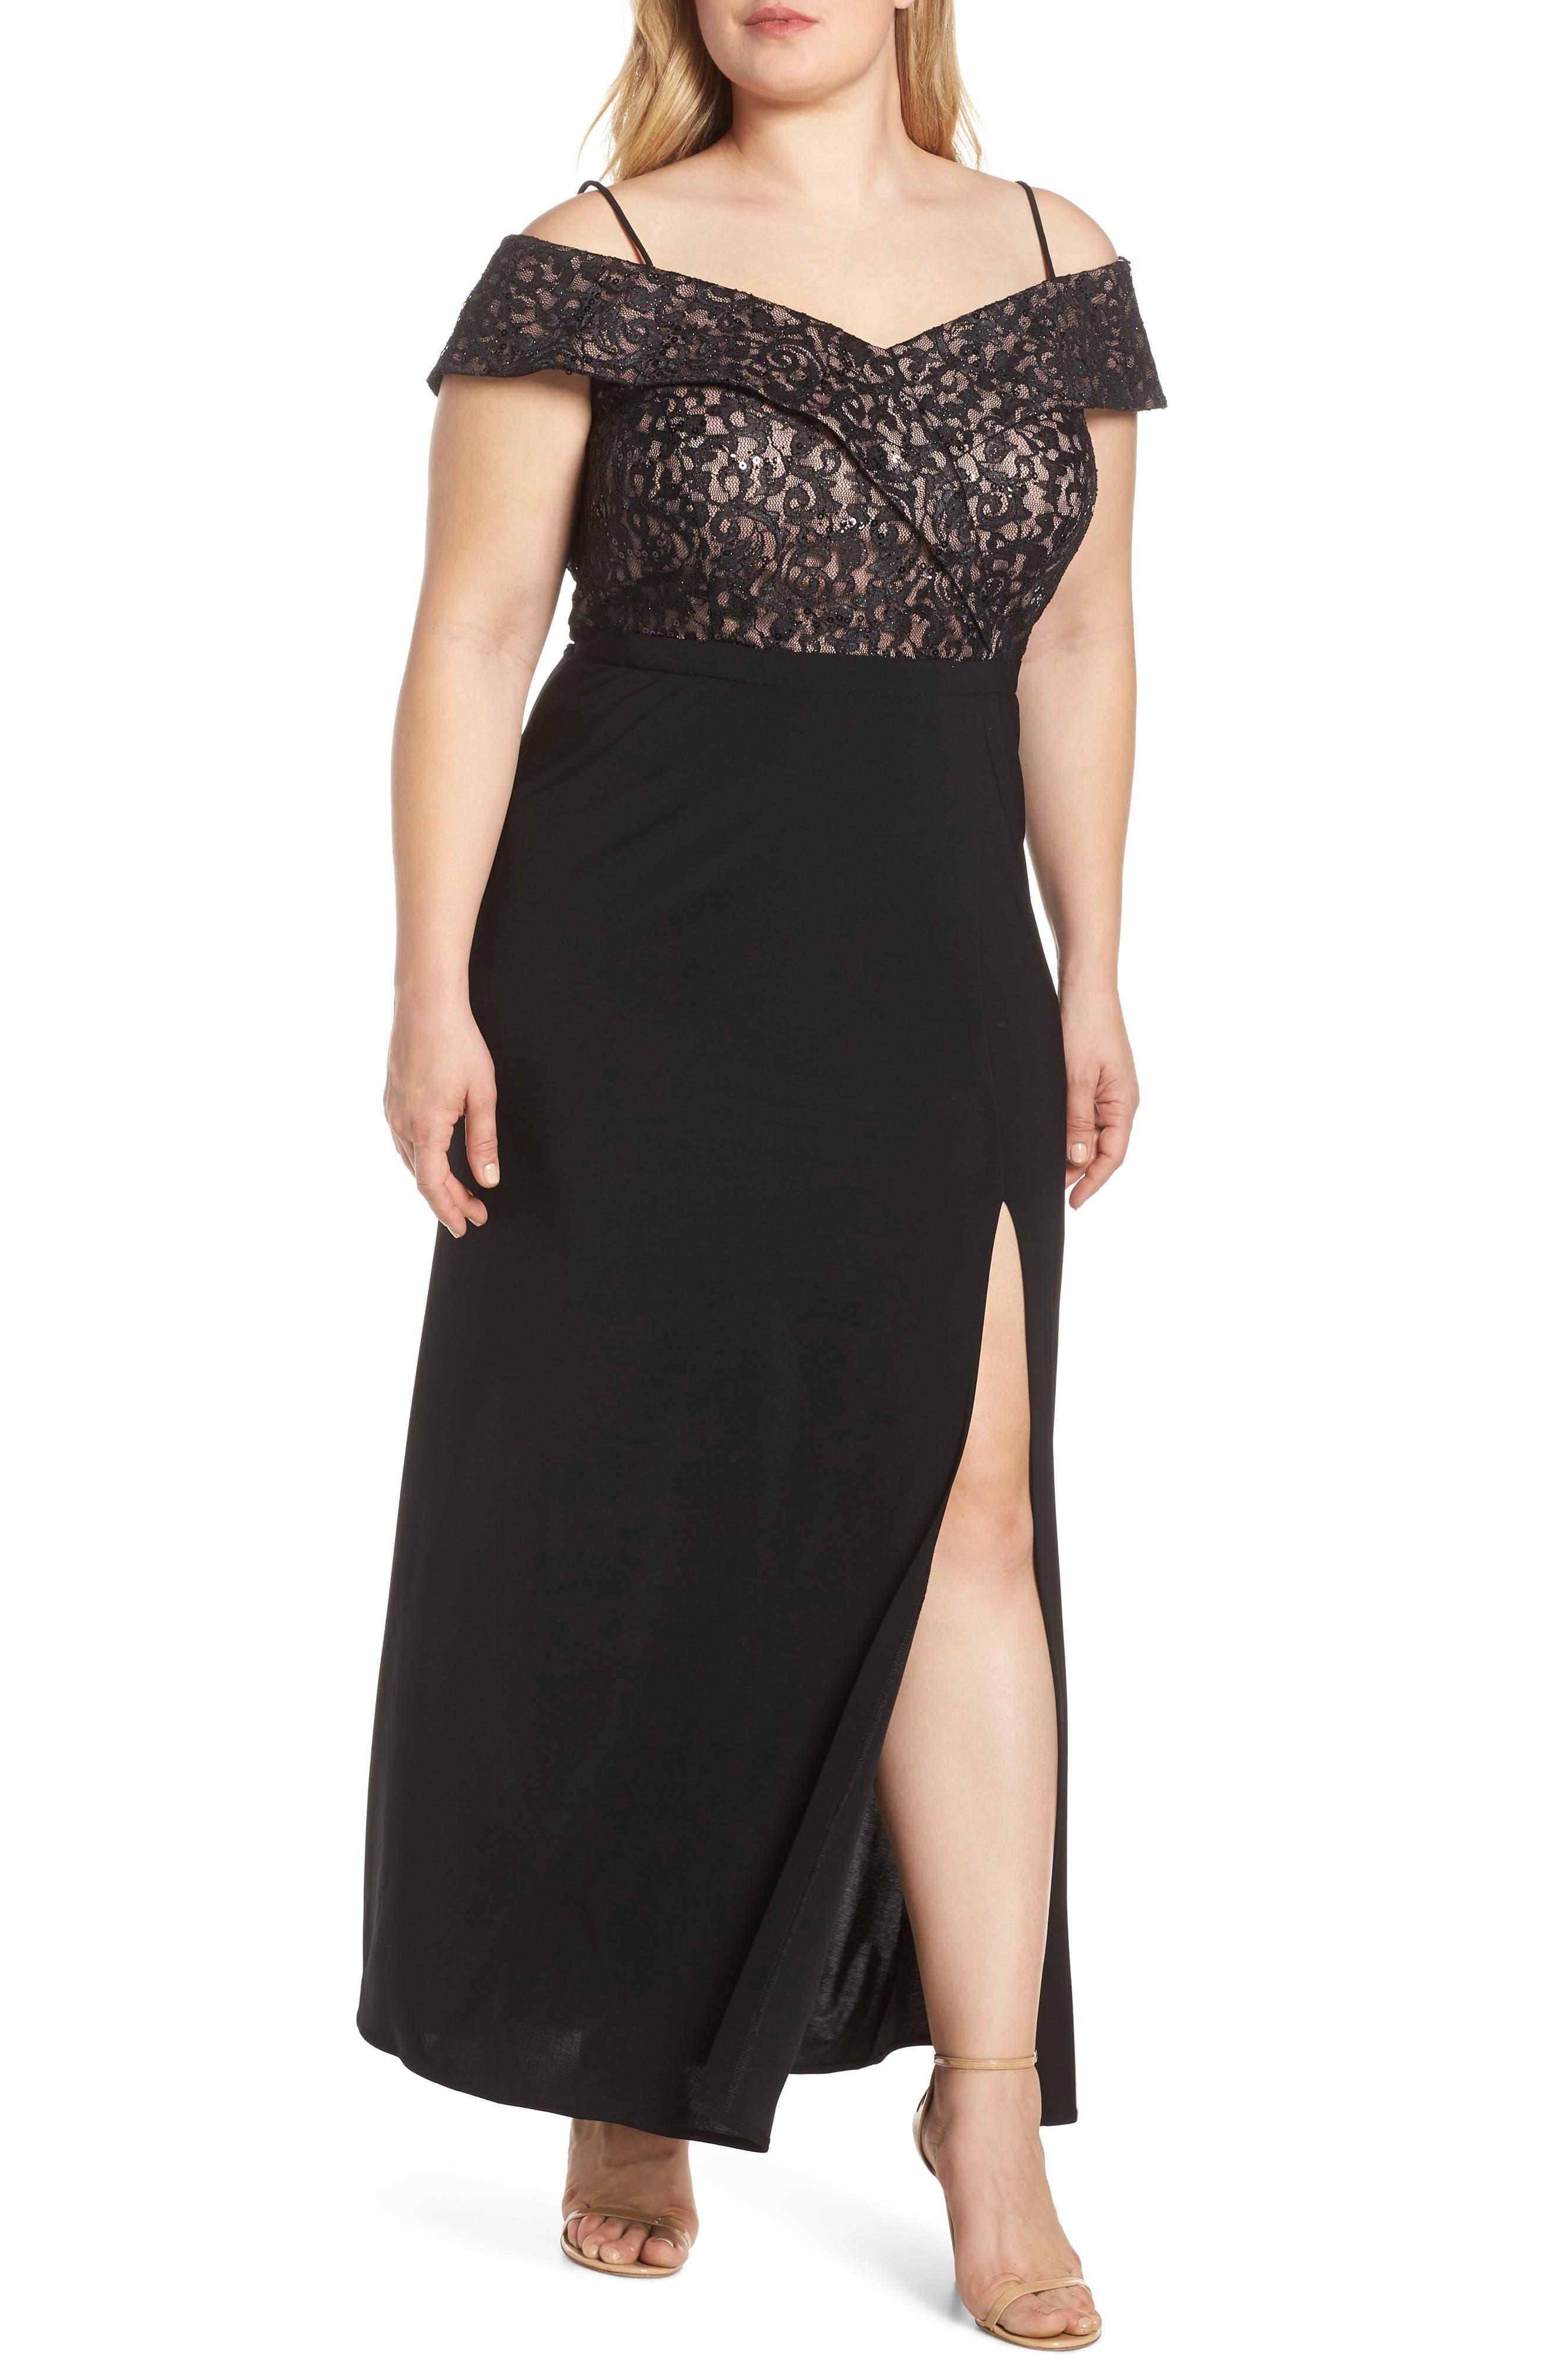 Plus Size Morgan & Co. Cold Shoulder Lace Bodice Evening Dress, Black